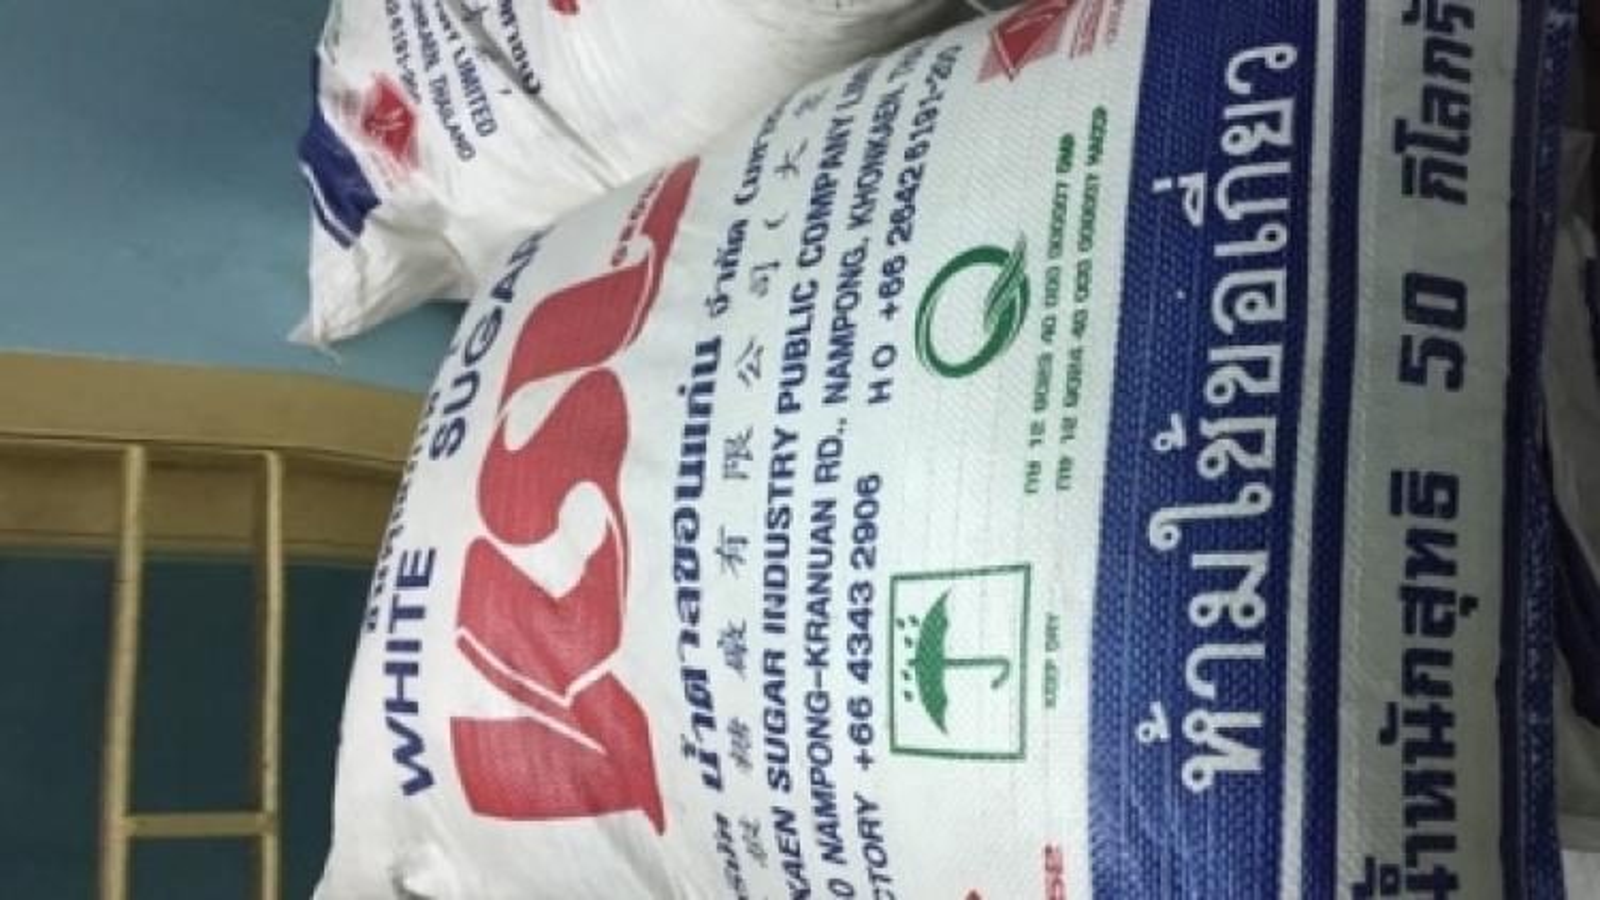 Tham vấn điều tra chống bán phá giá đường nhập khẩu từ Thái Lan